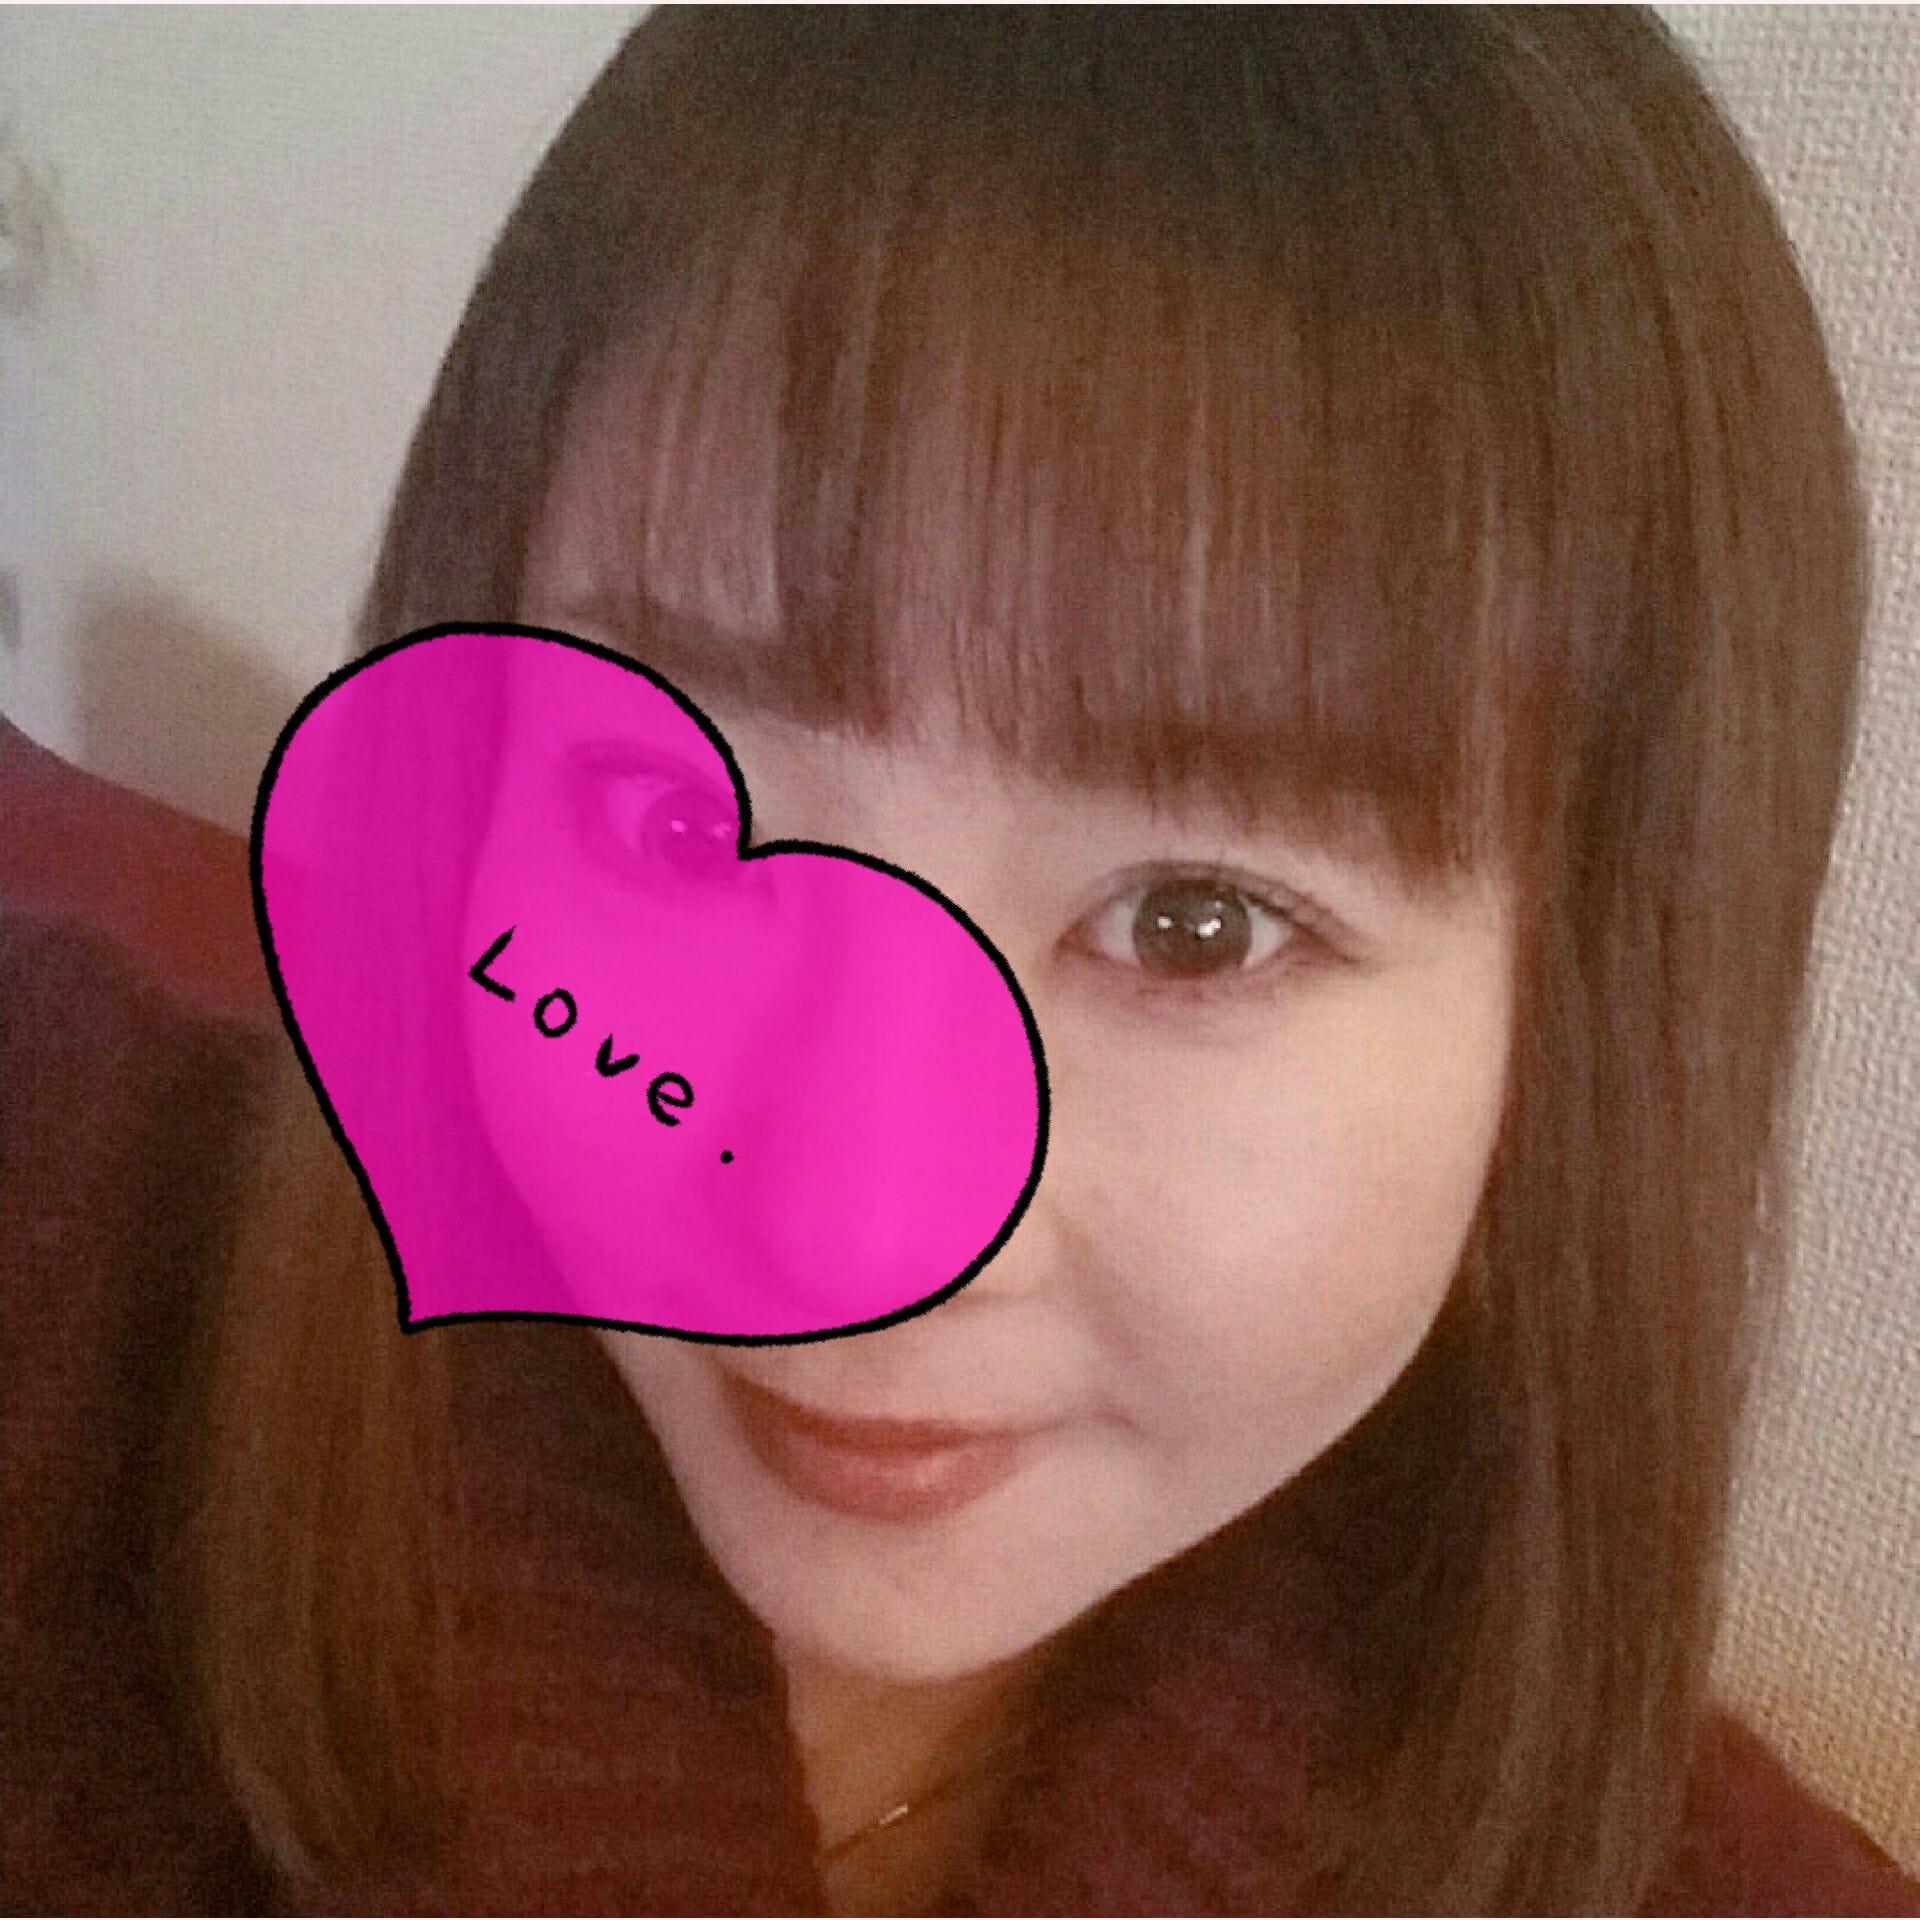 「こんにちわ」04/01(04/01) 10:17 | さらの写メ・風俗動画